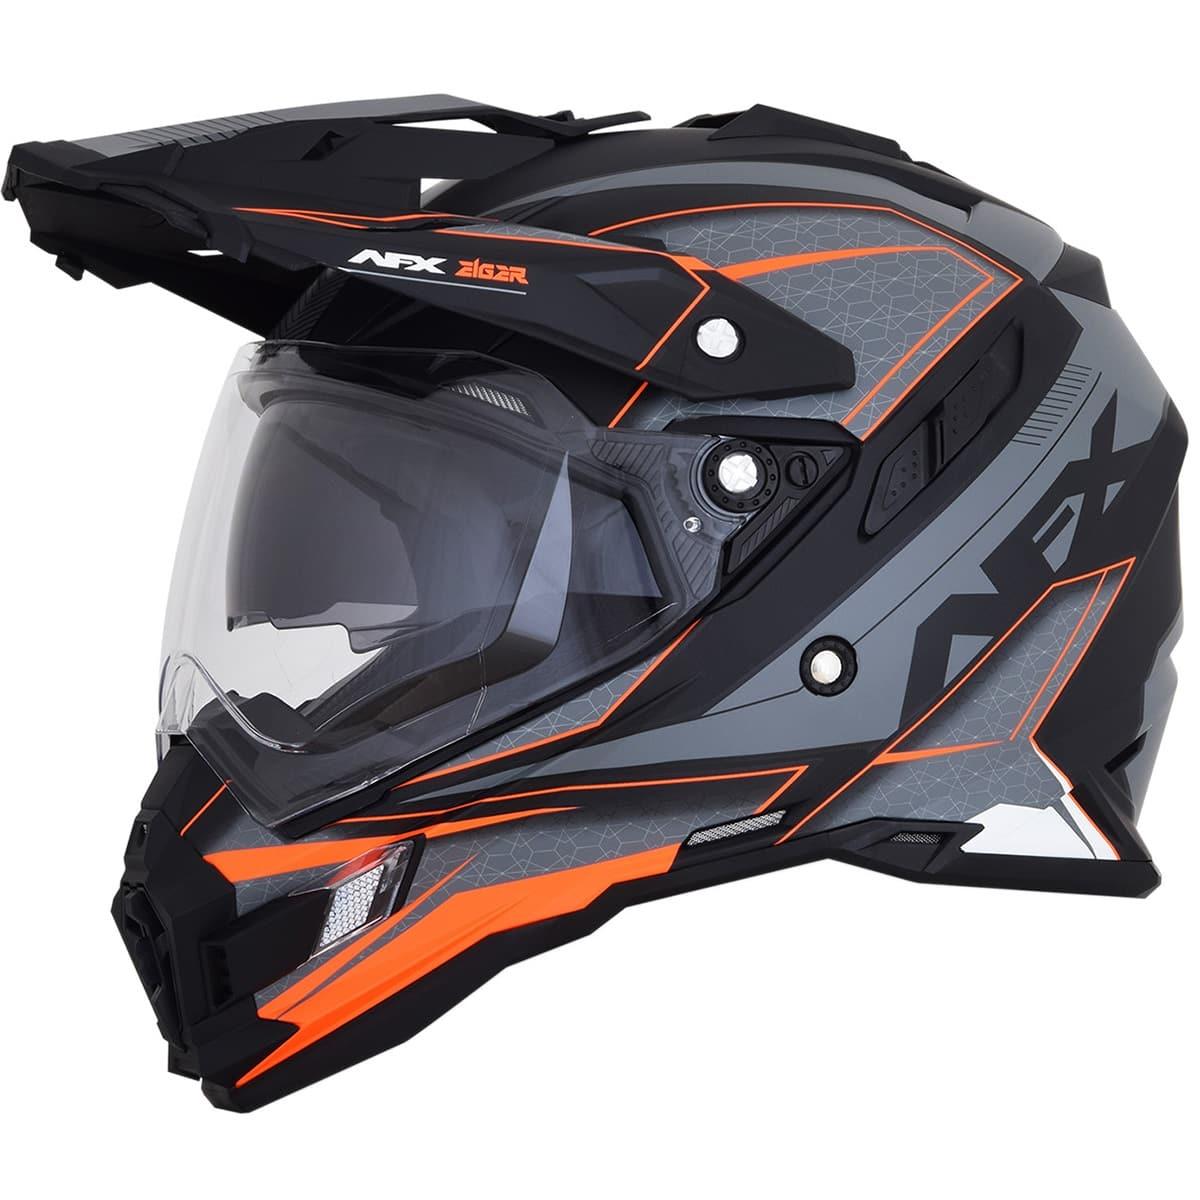 Enduro čelada AFX FX41 Eiger